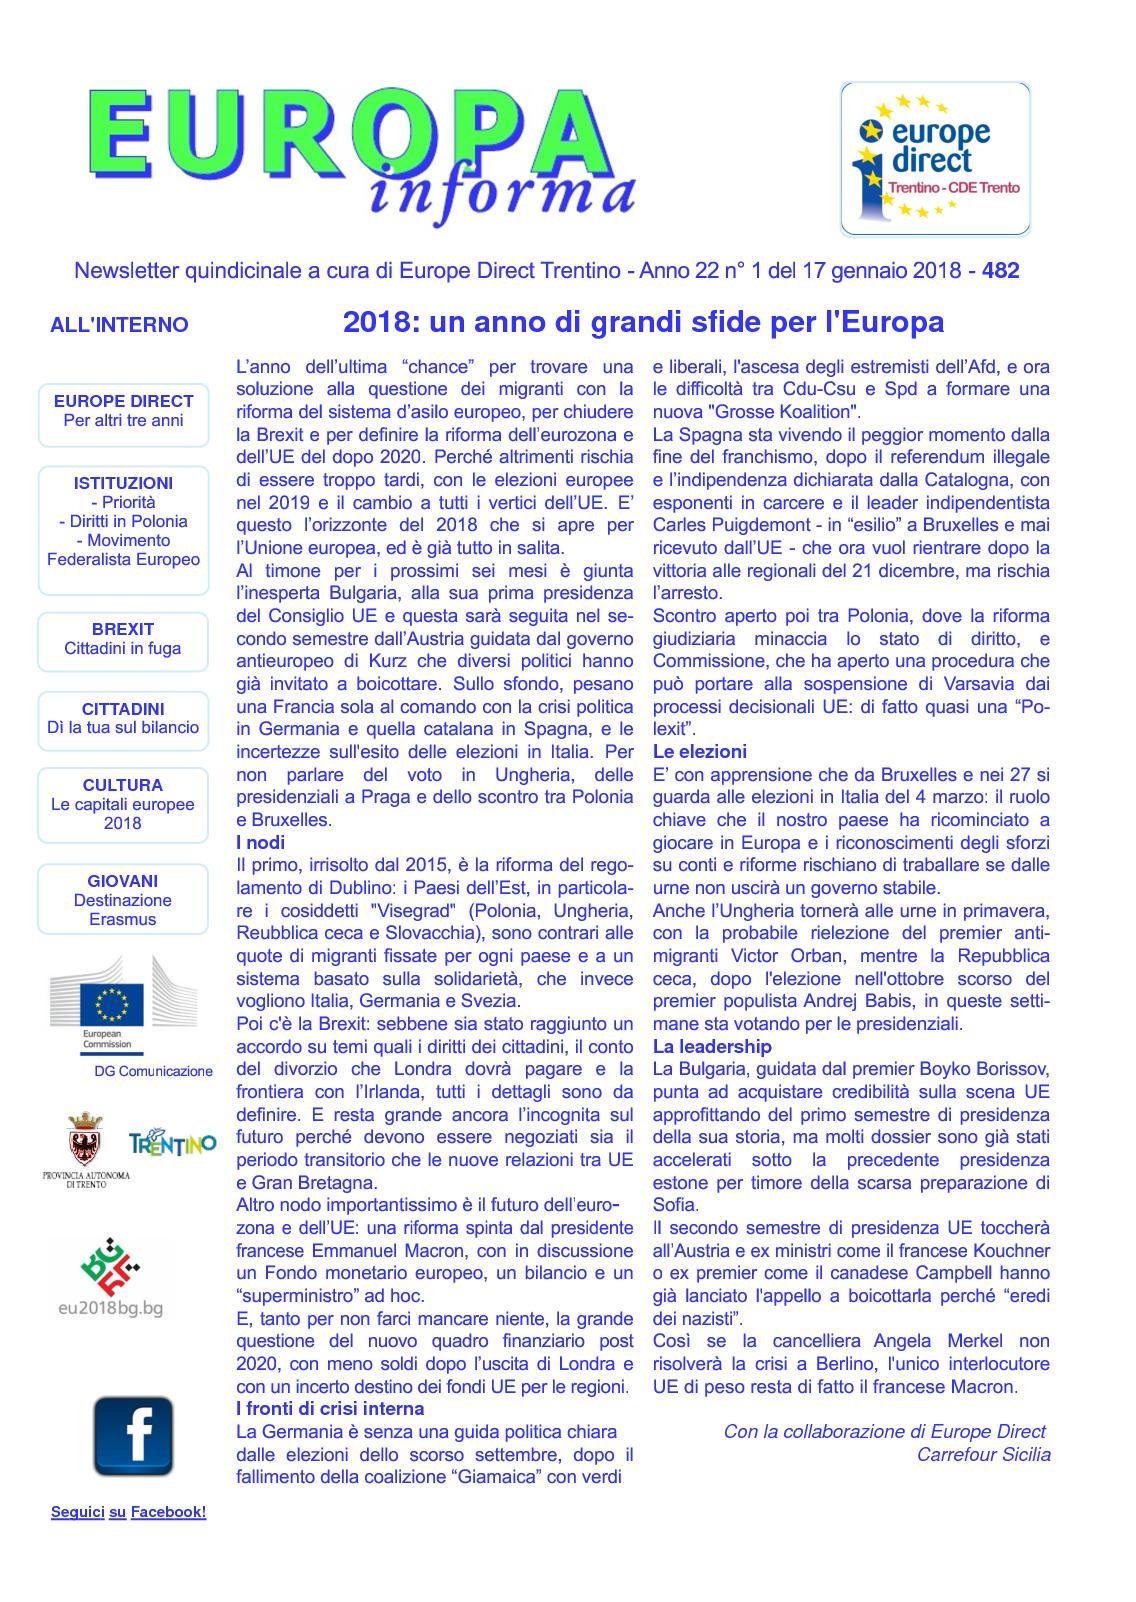 Calaméo Newsletter Europa Informa N 482 Del 17 Gennaio 2018